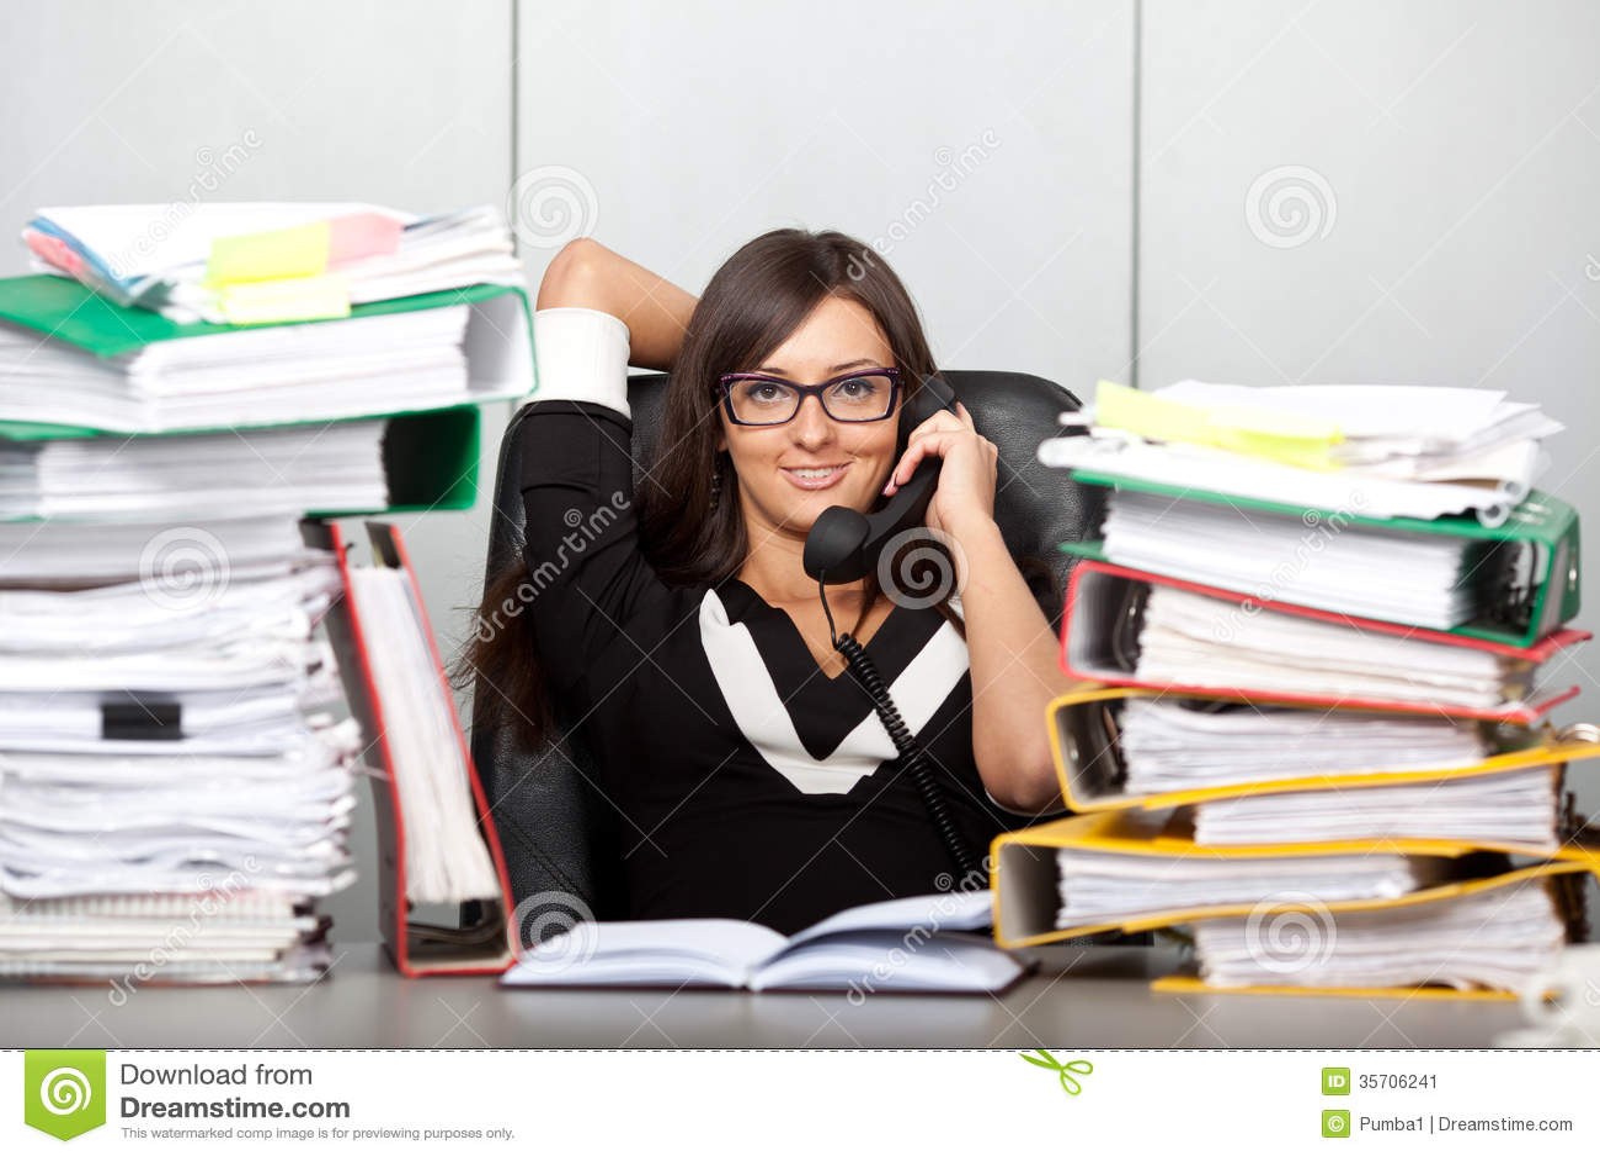 Mujer con exceso de trabajo en la oficina hablando en el for Imagenes de oficina de trabajo